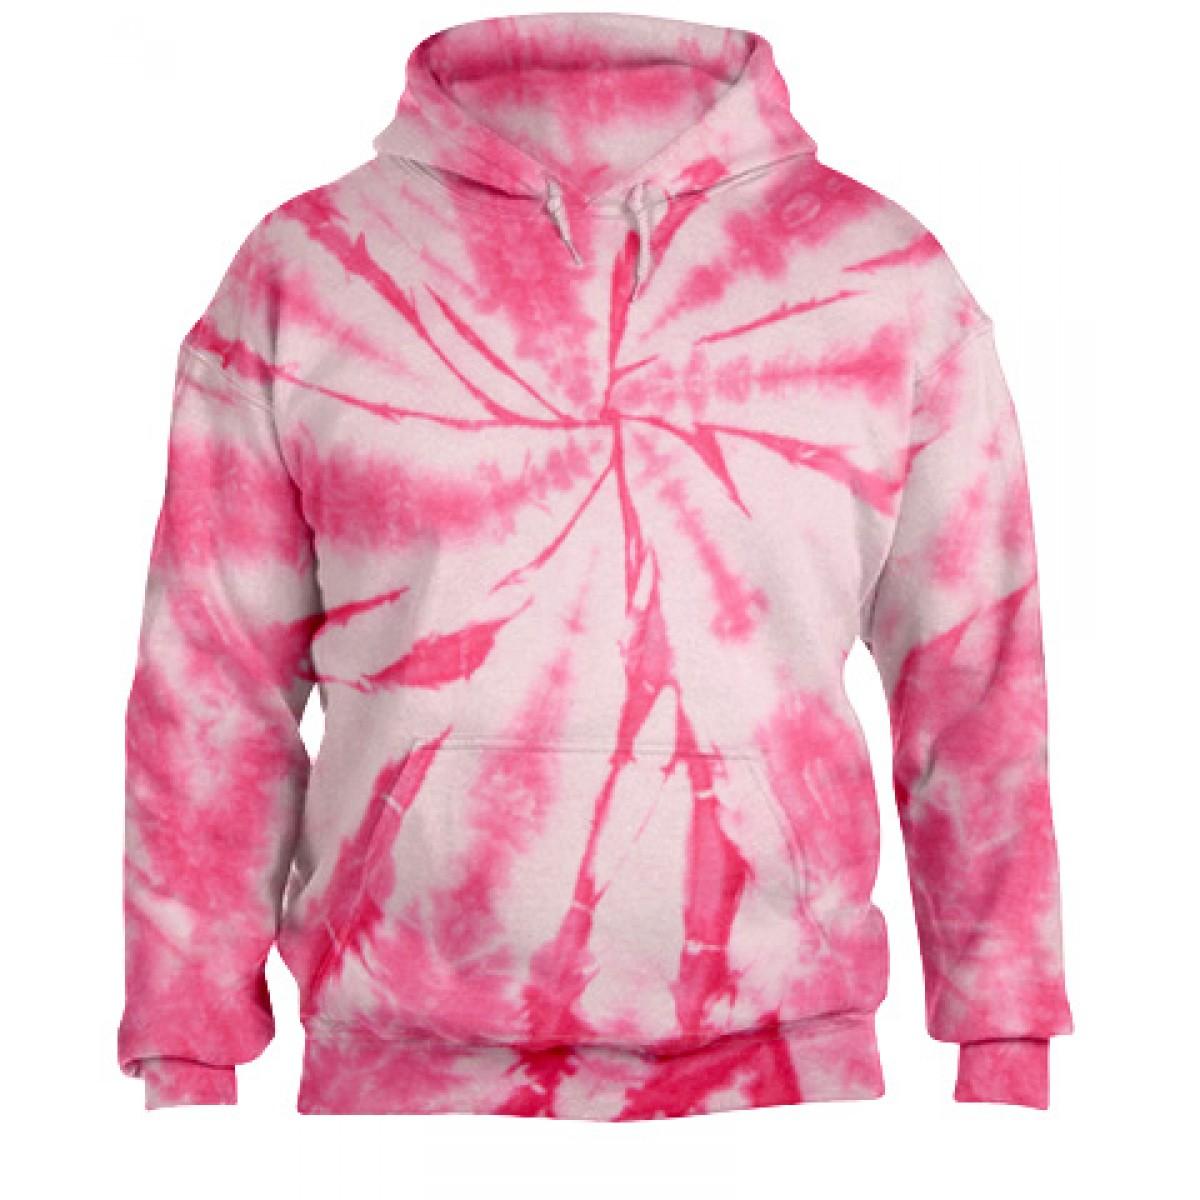 Tie-Dye Pullover Hooded Sweatshirt-Pink-S